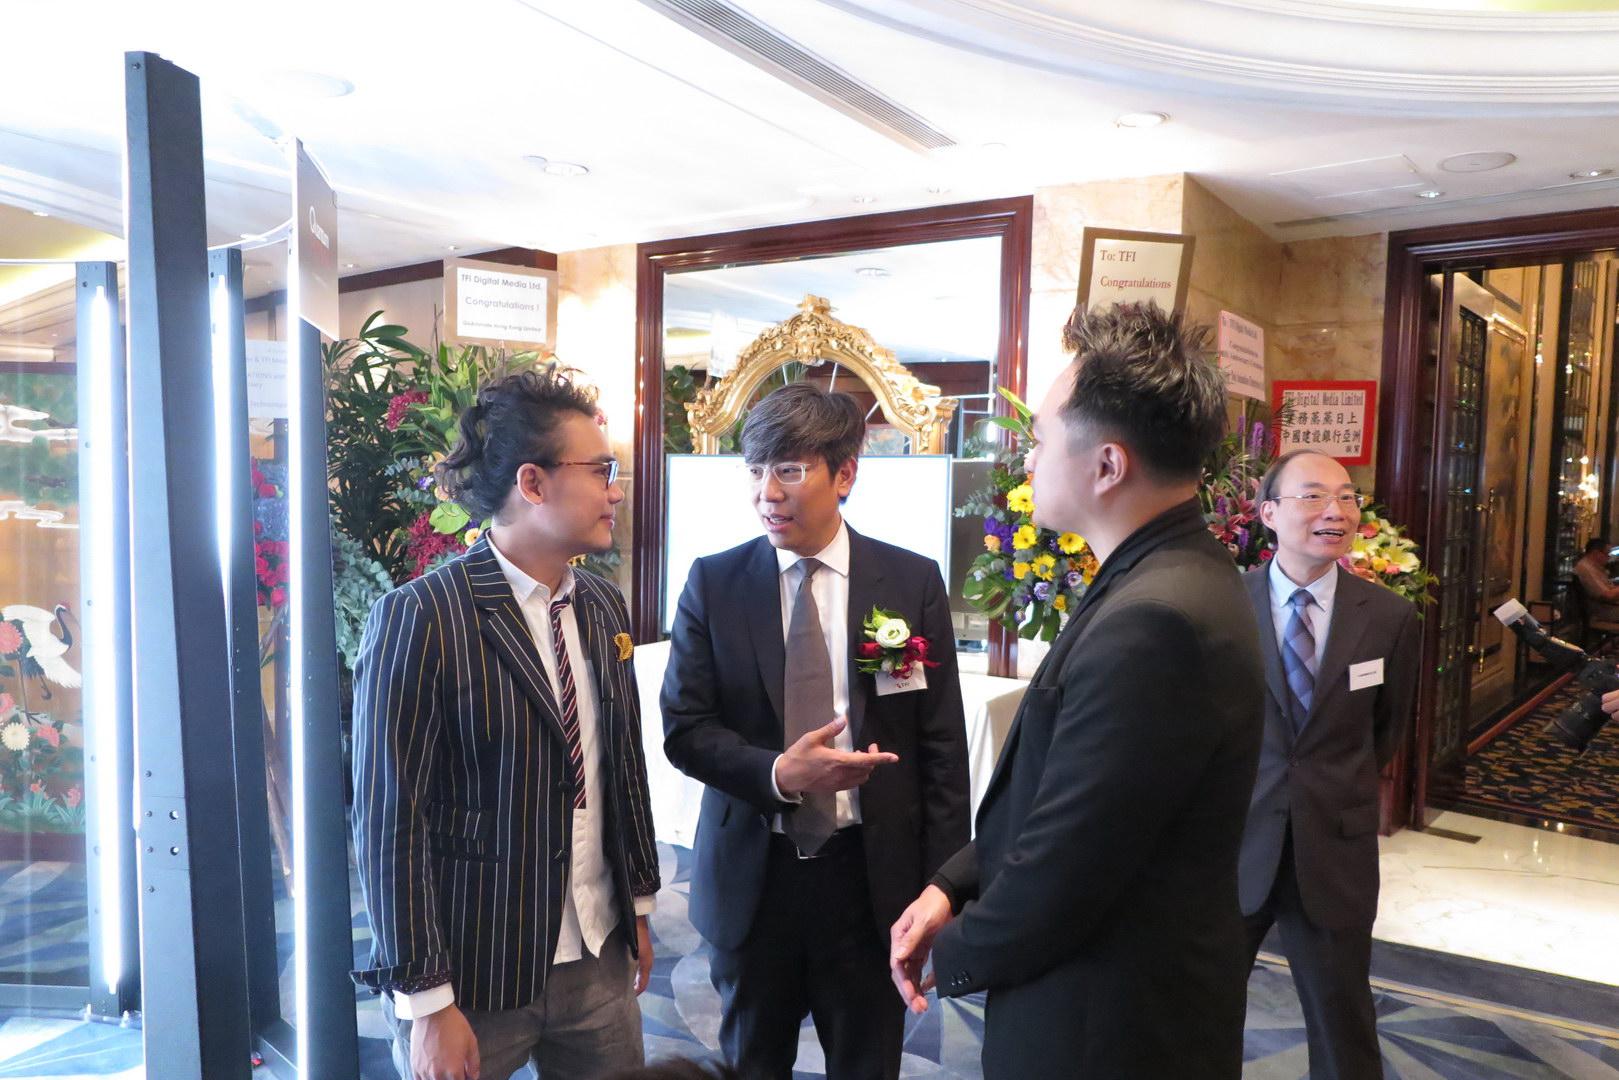 JW Marriott Hoteldebuting QHuman by OepnSky TFI 2